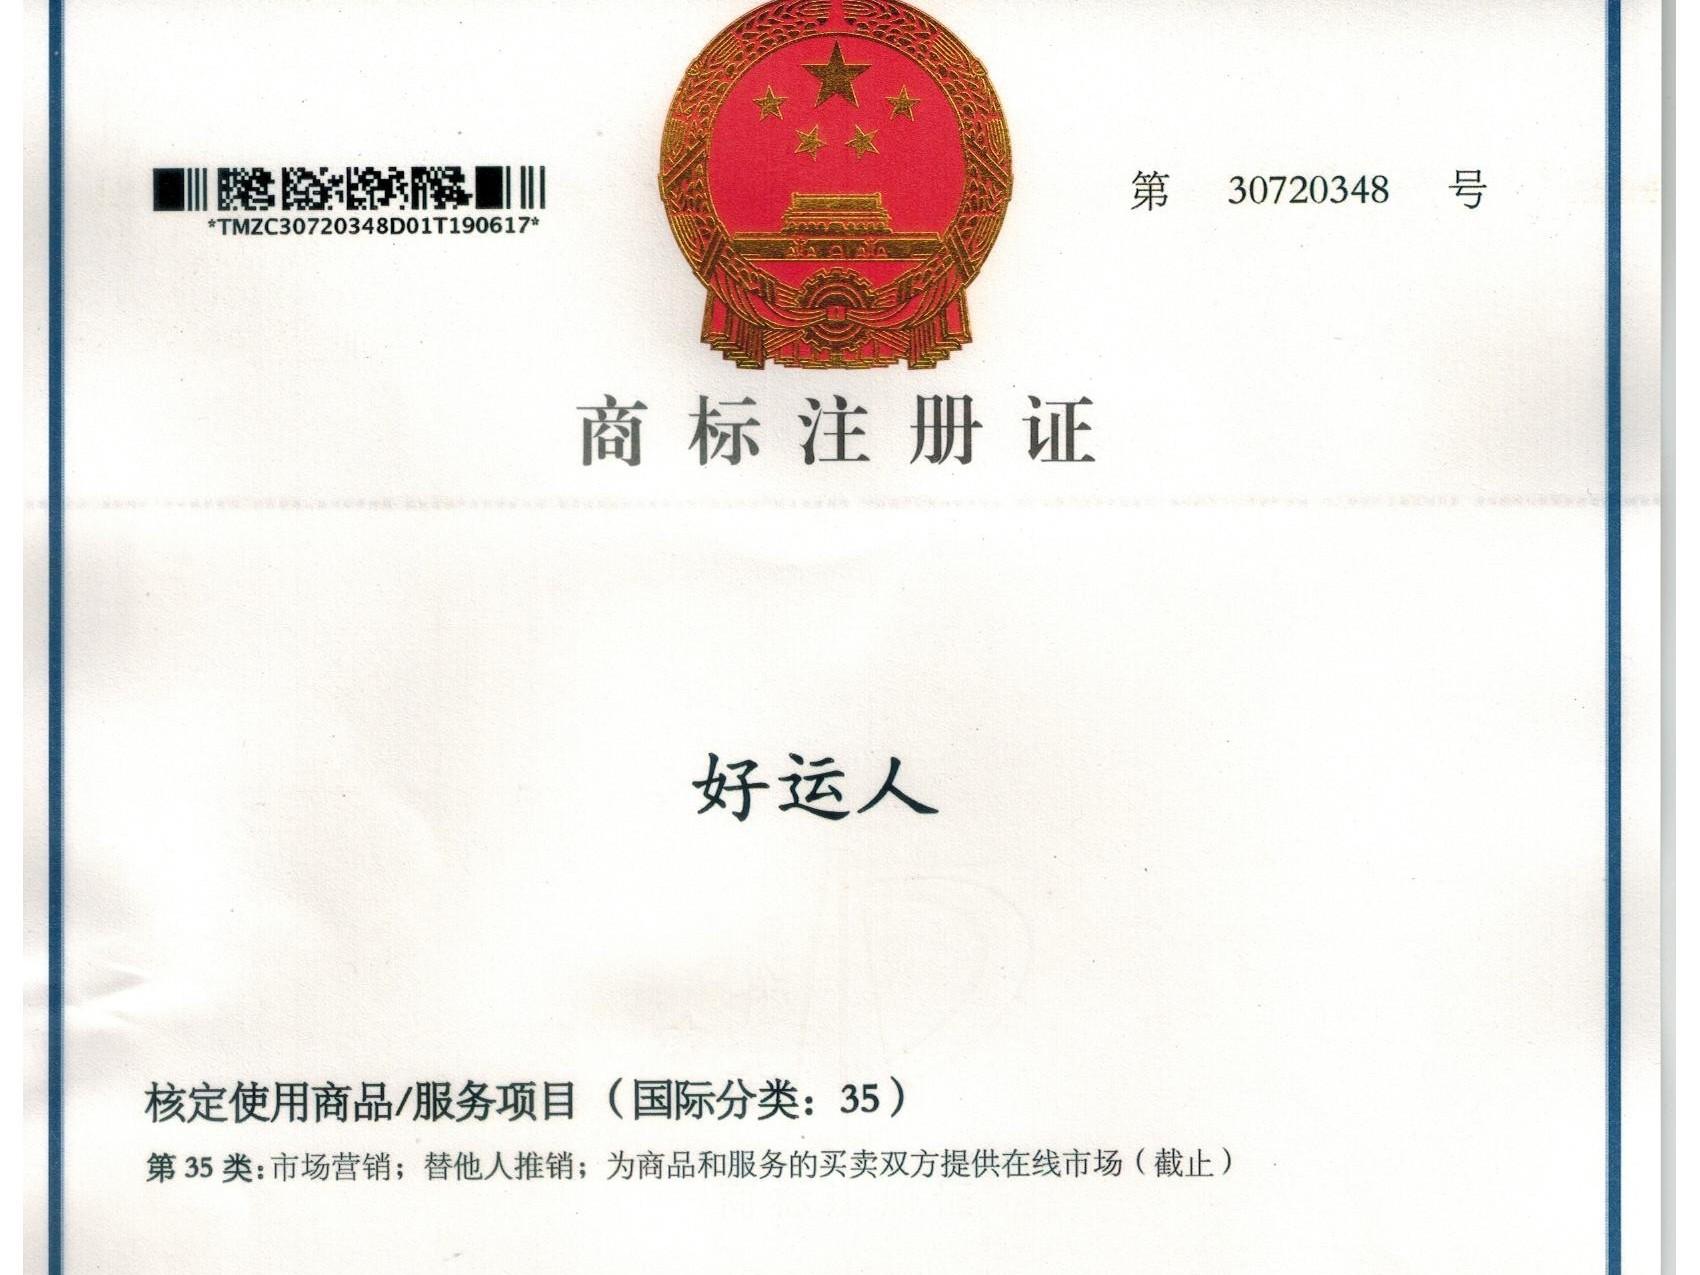 35类市场营销类商标注册证